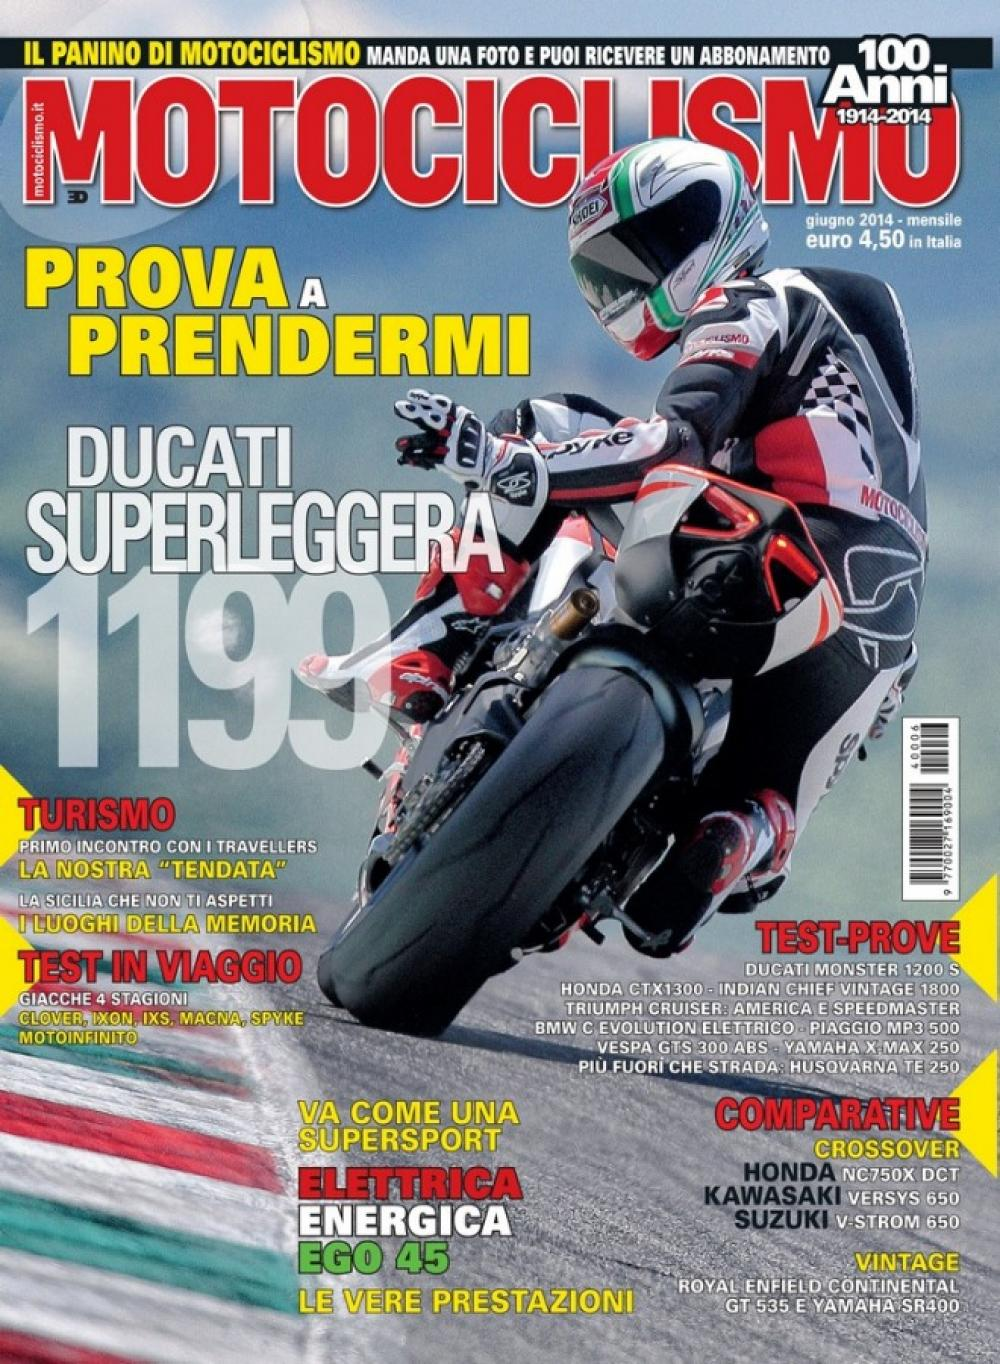 rivista motociclismo